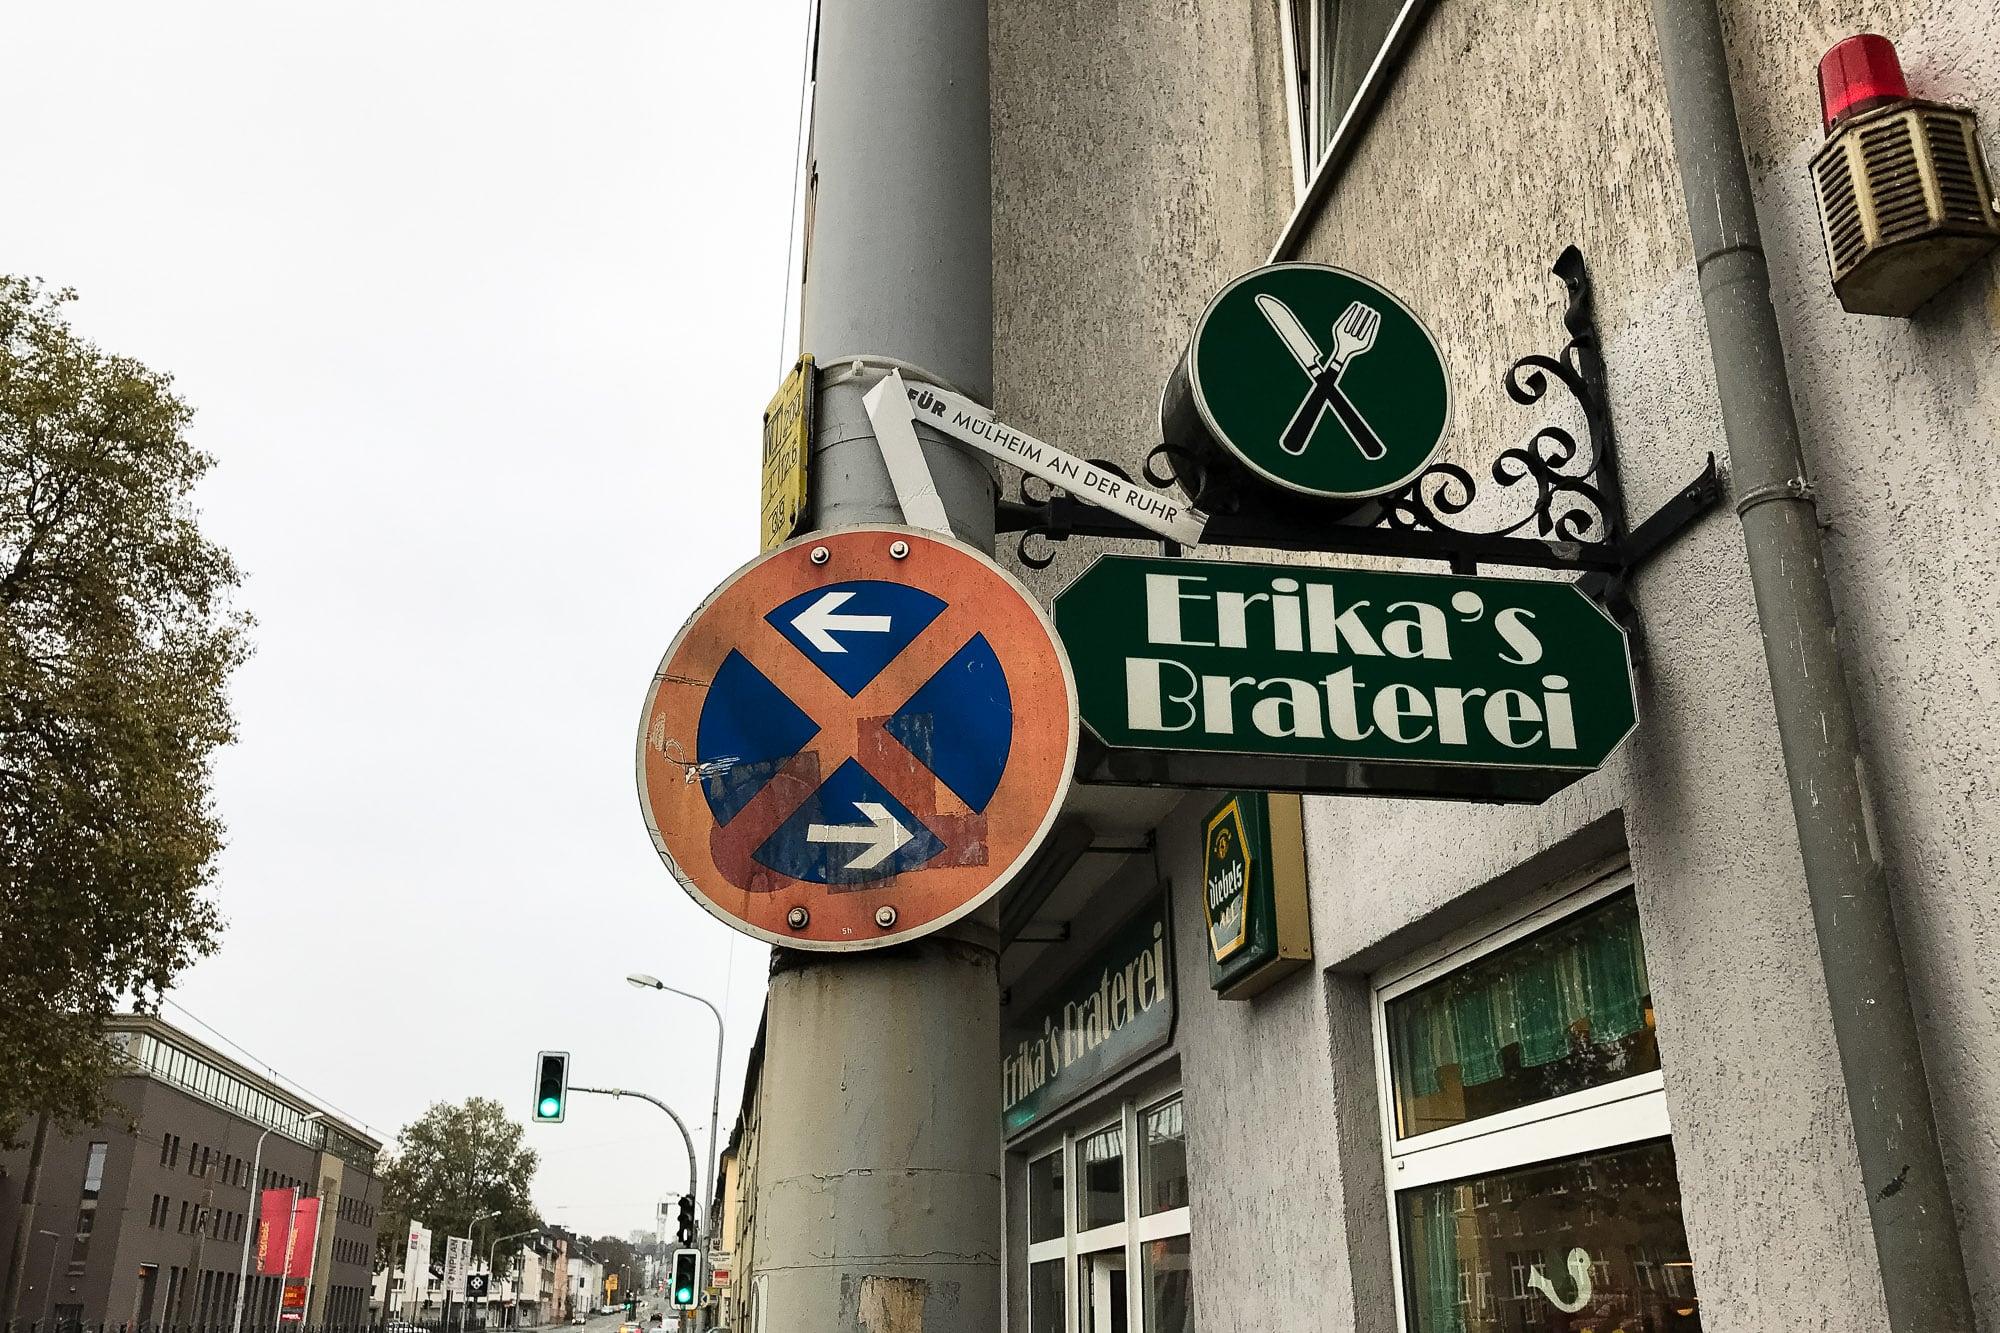 Erika's Braterei